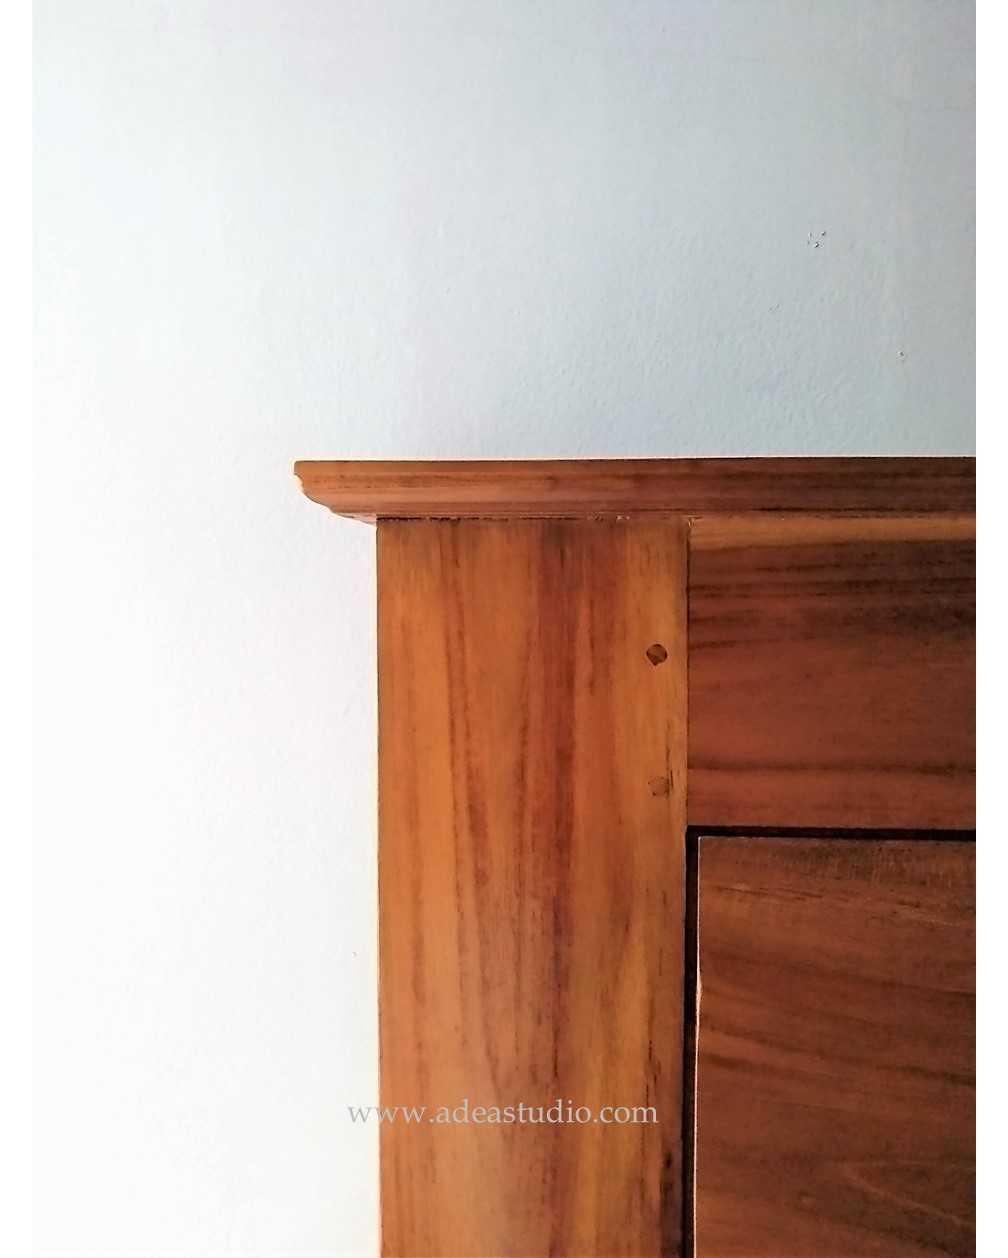 Adea Studio Bed Room Kota Tgr. Sel., Kota Tangerang Selatan, Banten, Indonesia Kota Tgr. Sel., Kota Tangerang Selatan, Banten, Indonesia Adea-Studio-Bed-Room   72793